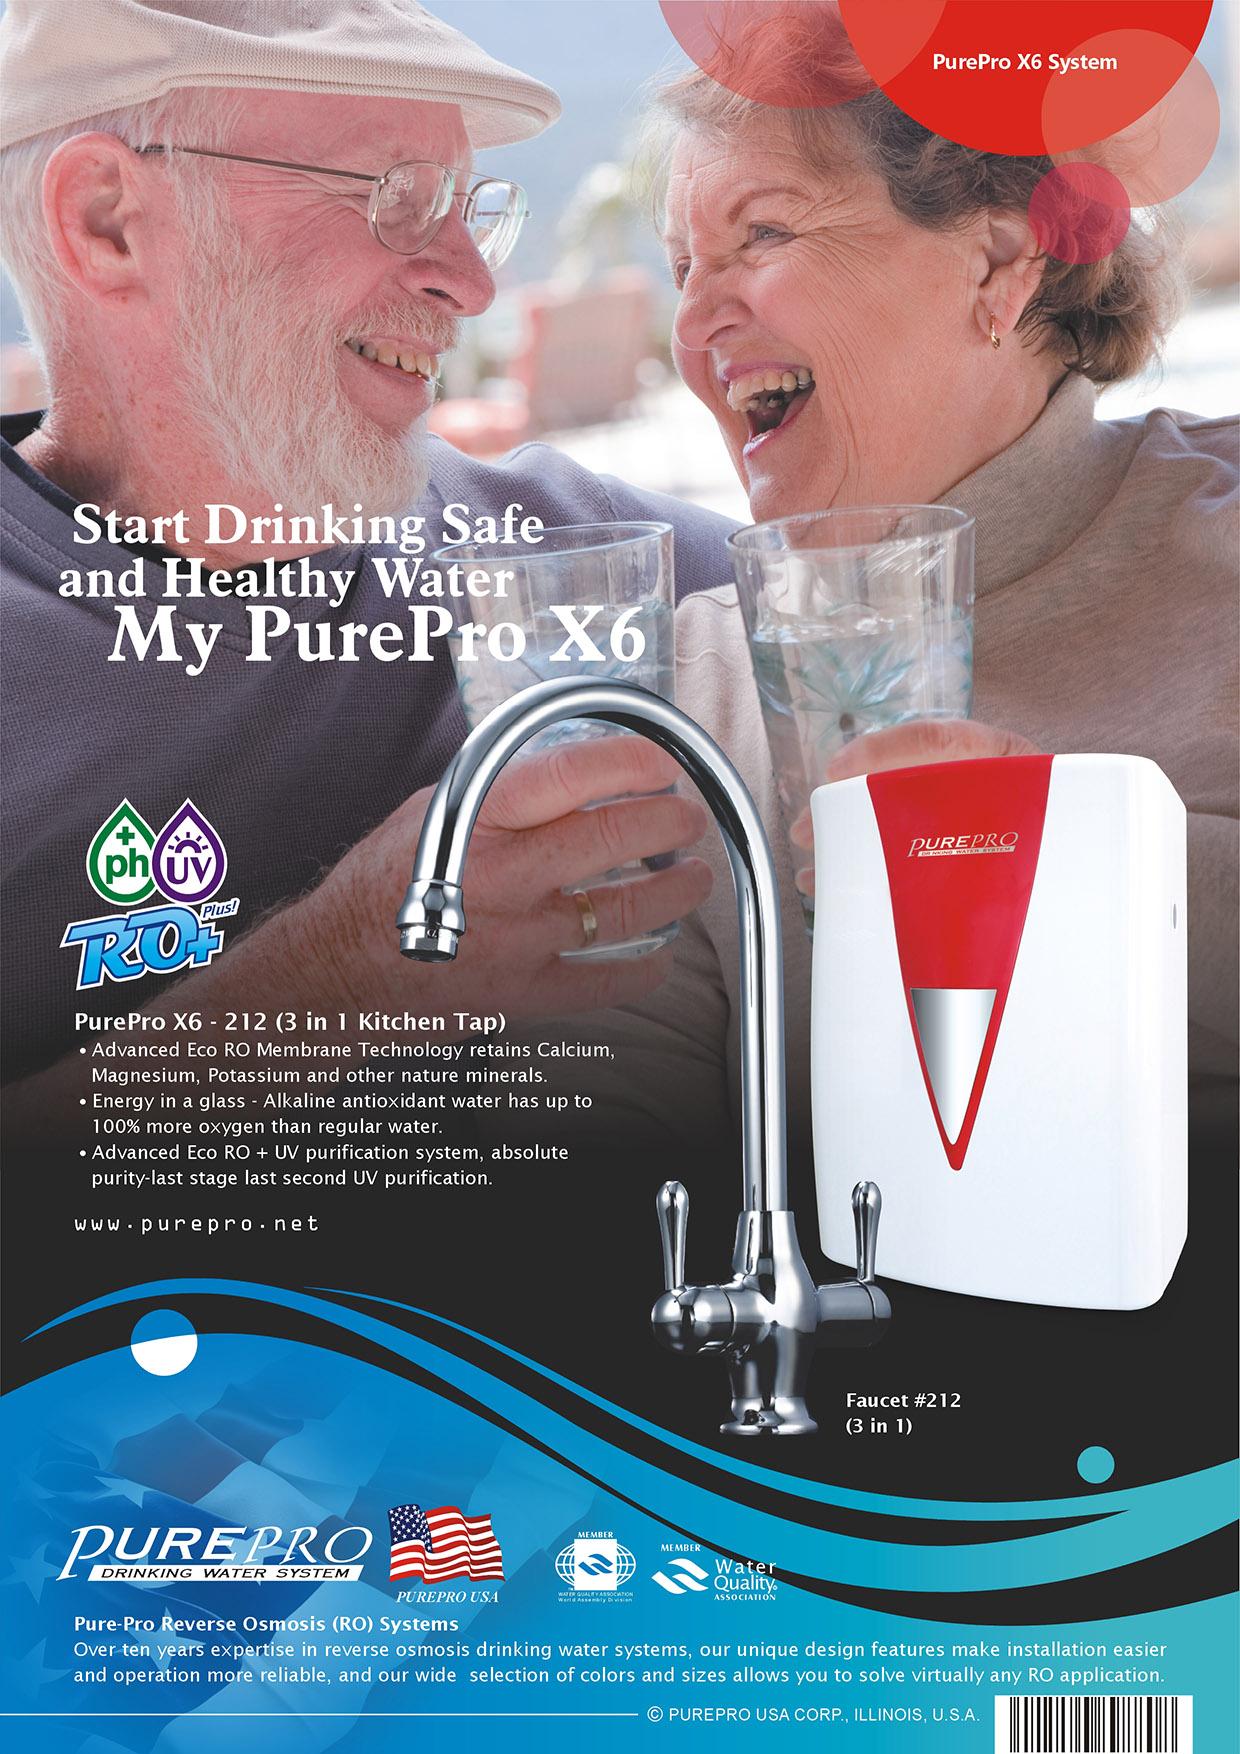 美國 PurePro® X6 -212 紫外線鹼性RO活水機 - 搭配RO三用龍頭. 廚房水龍頭No.212